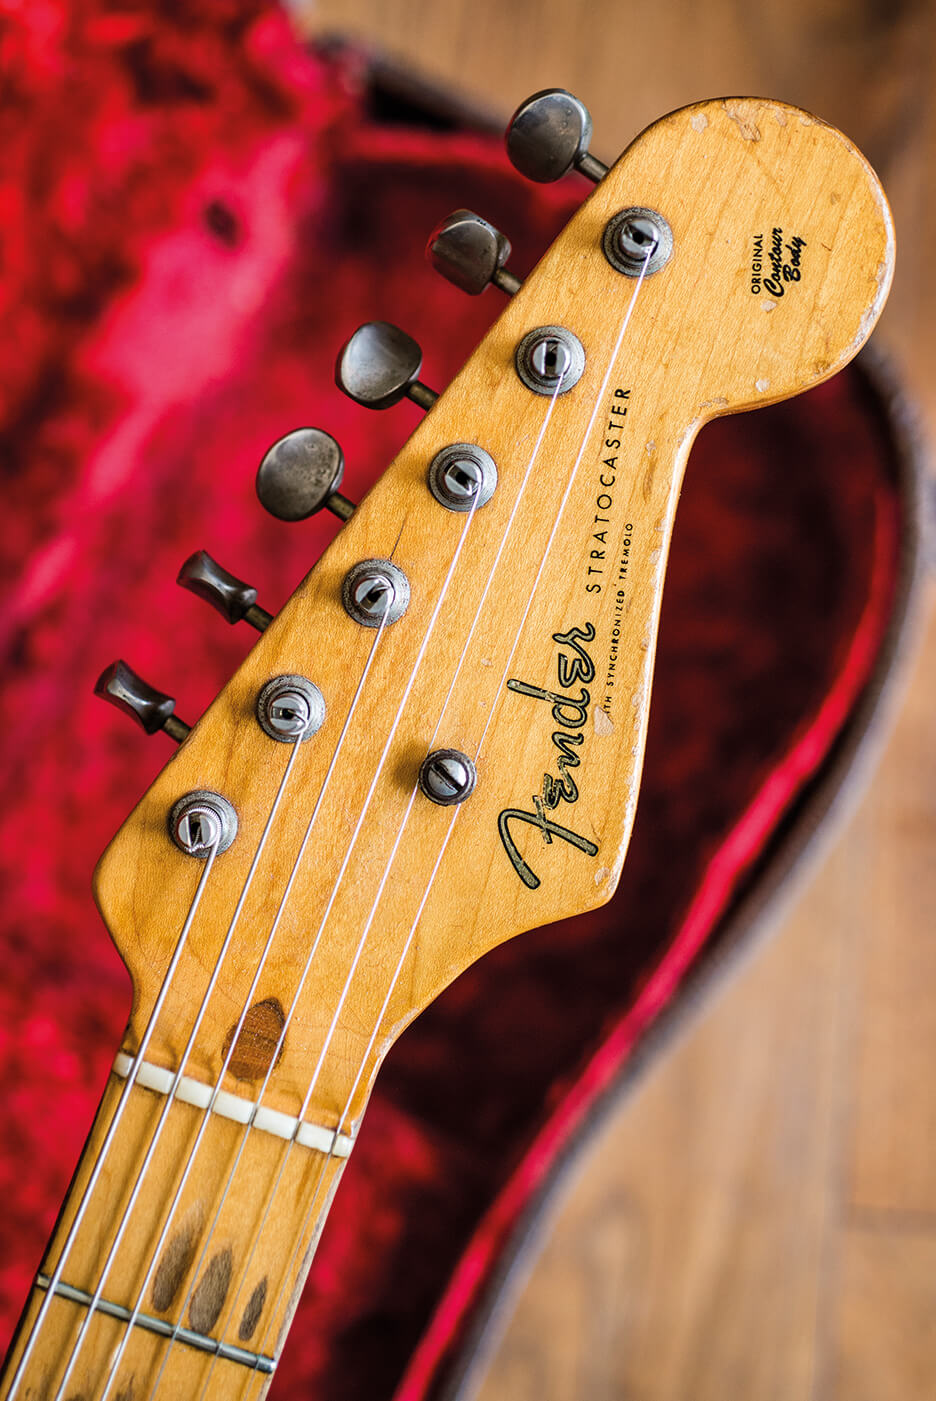 Fender Strat vintage sunburst headstock